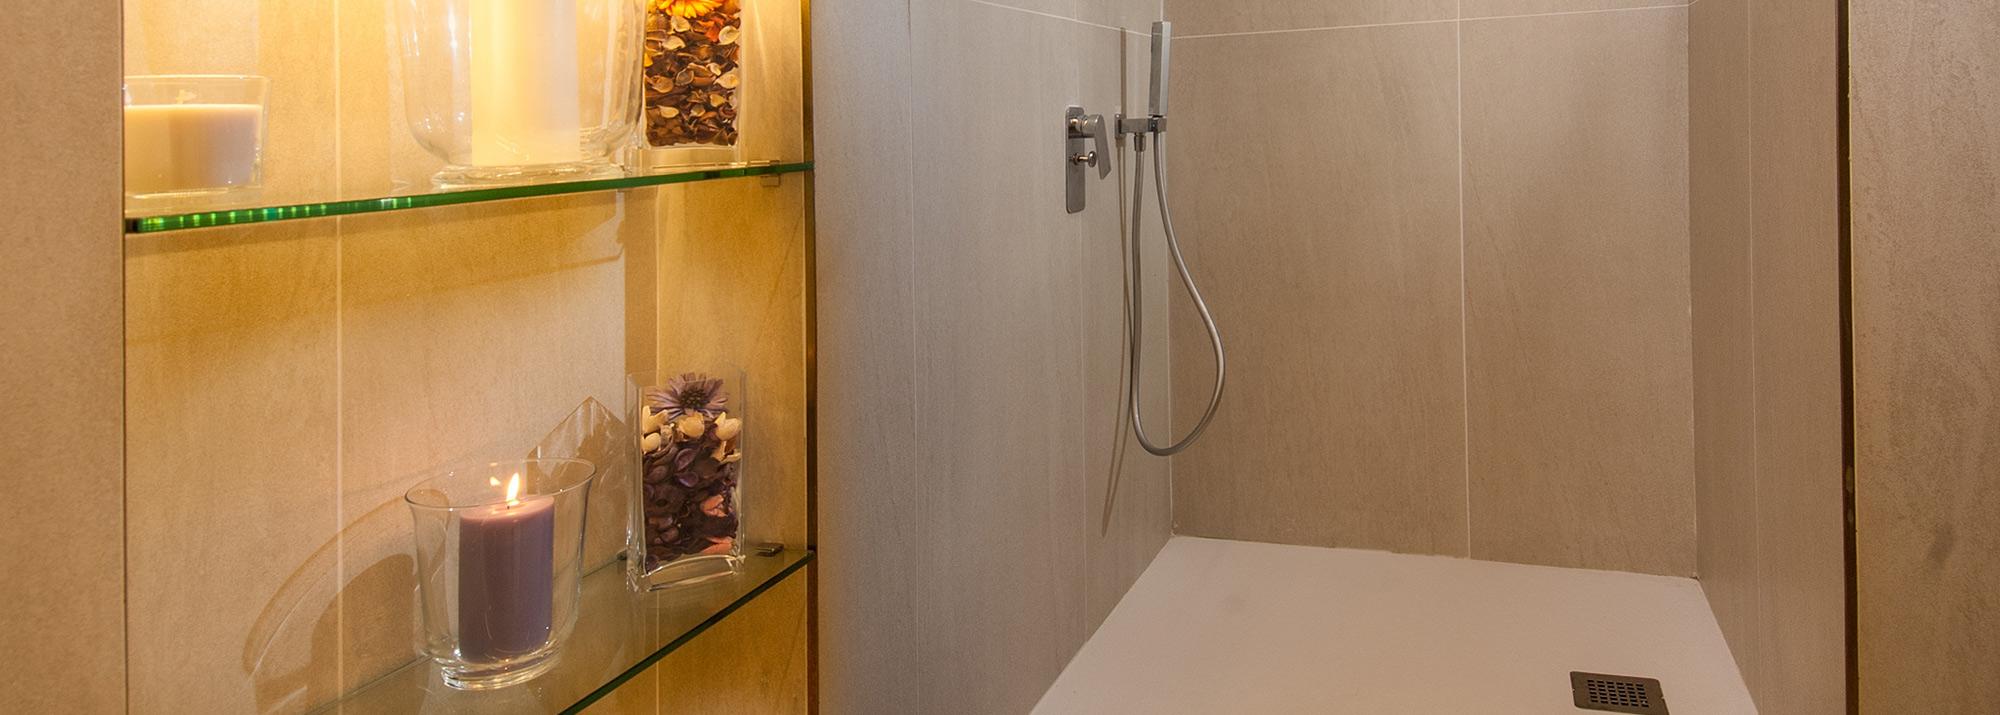 Hotel Lido Cattolica bagno camera grande